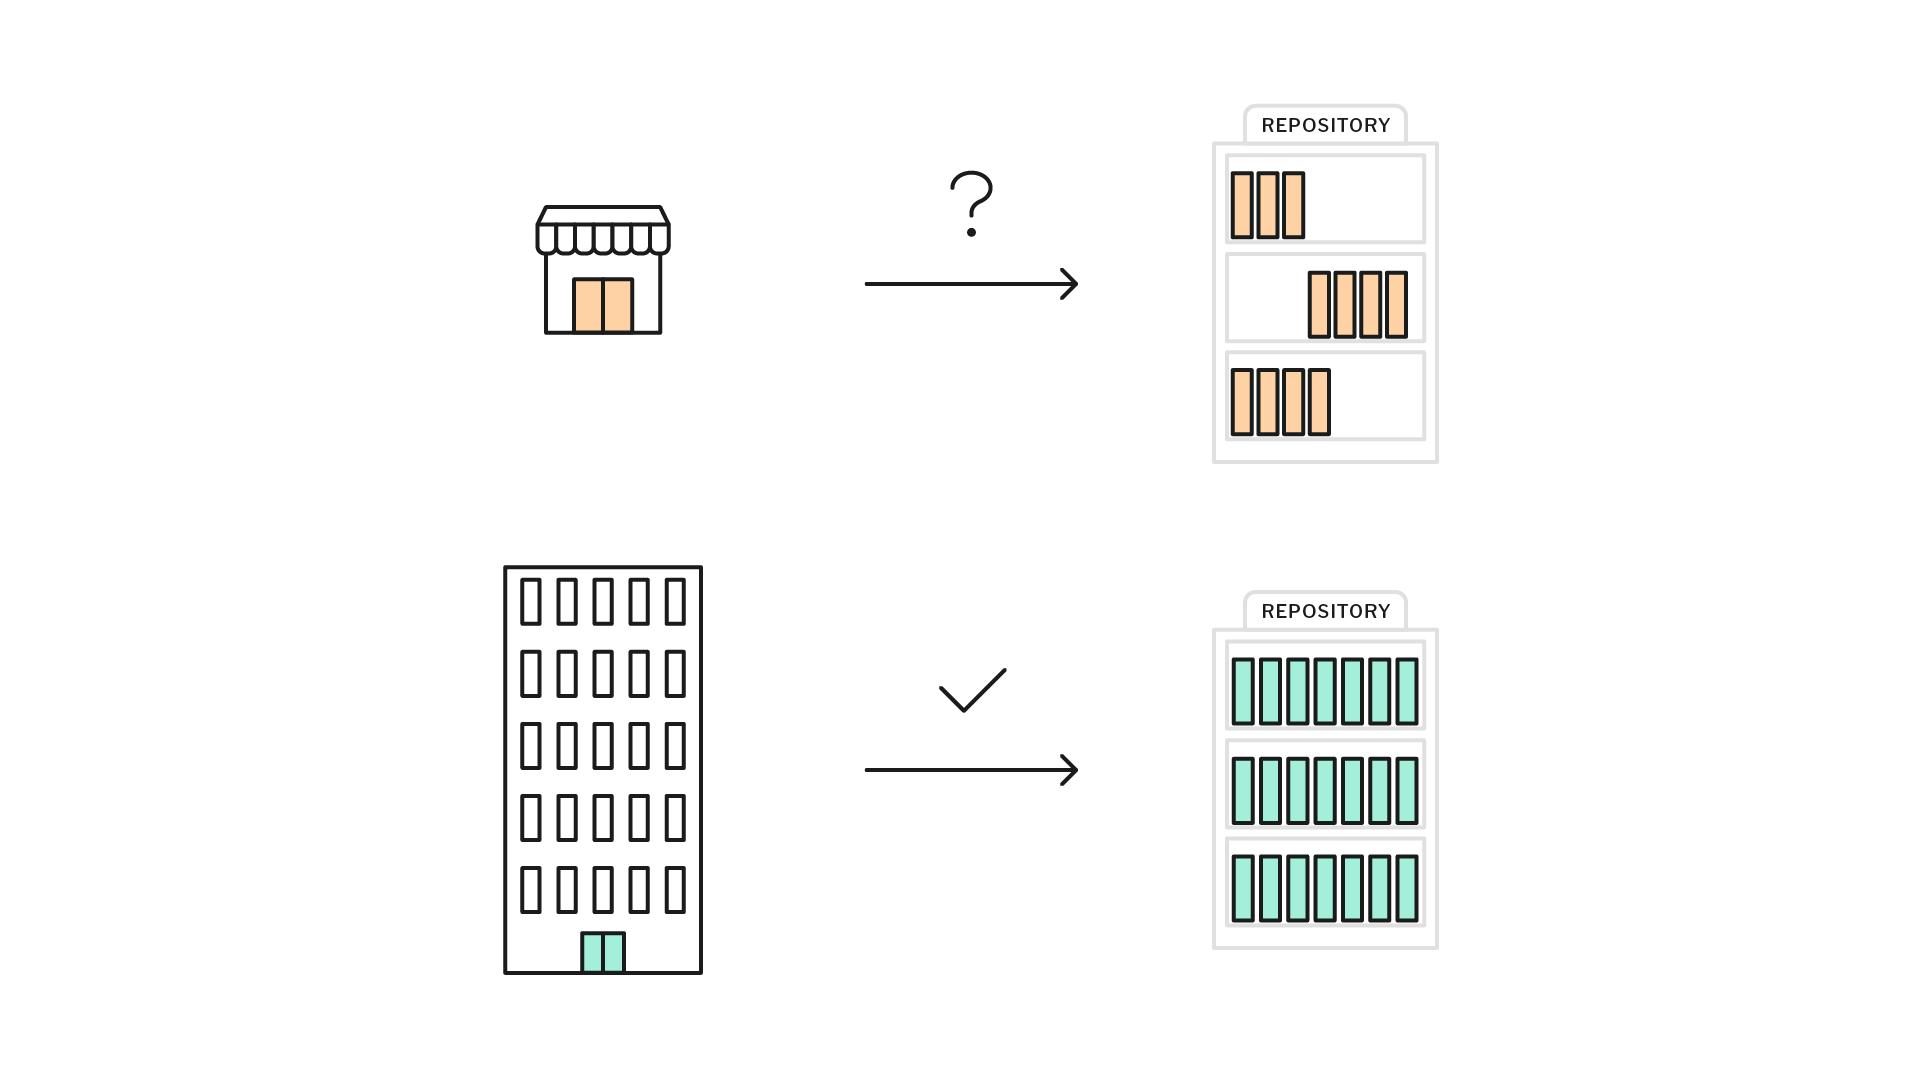 schéma montrant la différence du volume des recherches entre une grande et une petite structure